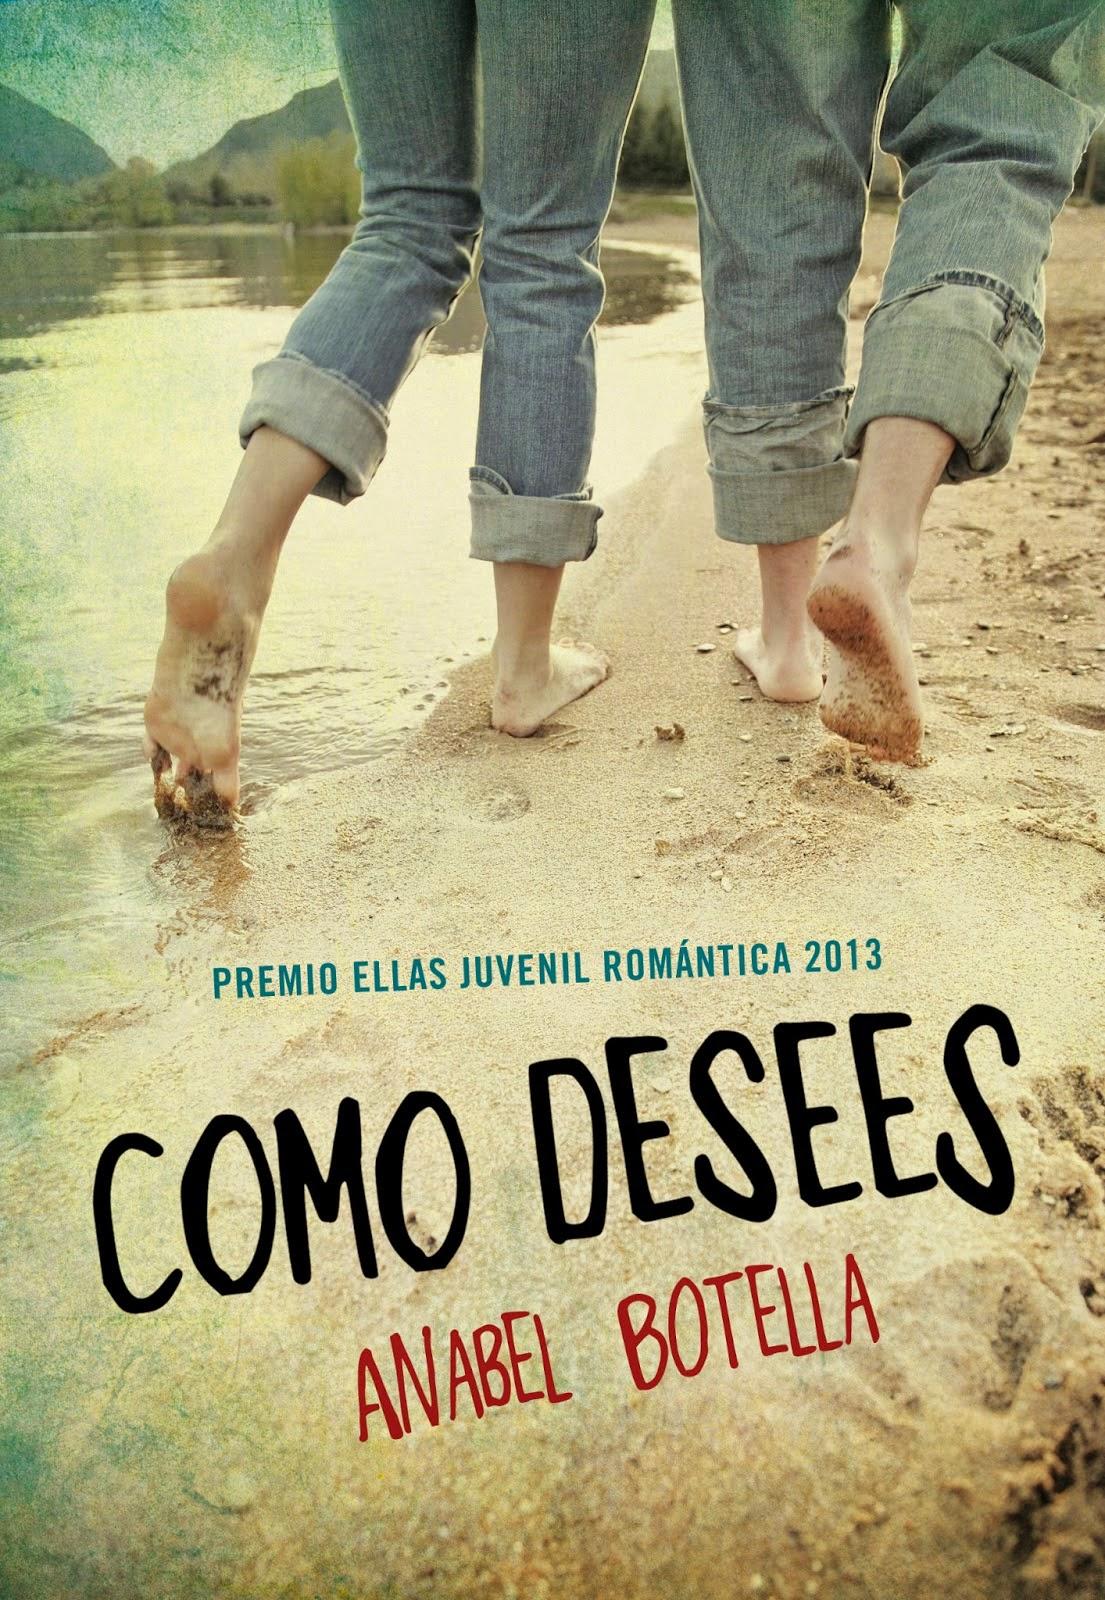 http://linteresantes.blogspot.com.es/2014/04/resenacomo-desees.html